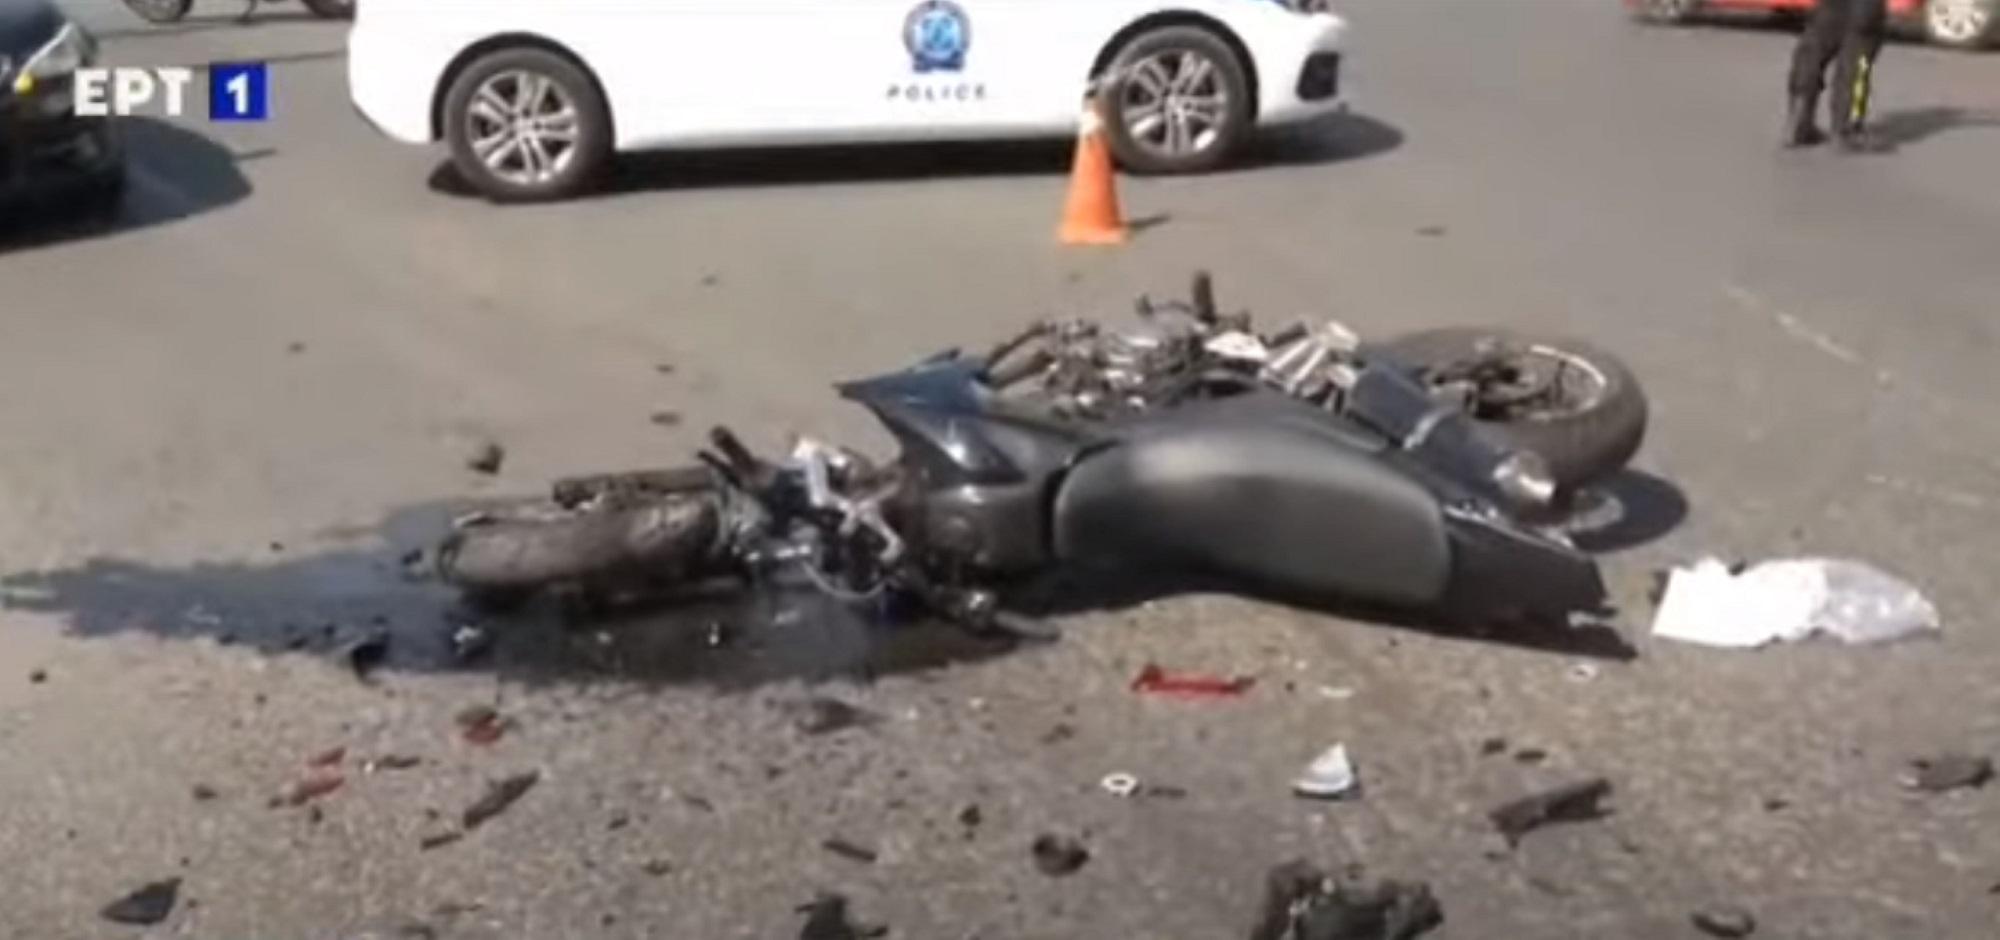 Διαρρήξεις σε αυτοκίνητα παραθεριστών στα παράλια της Λάρισας